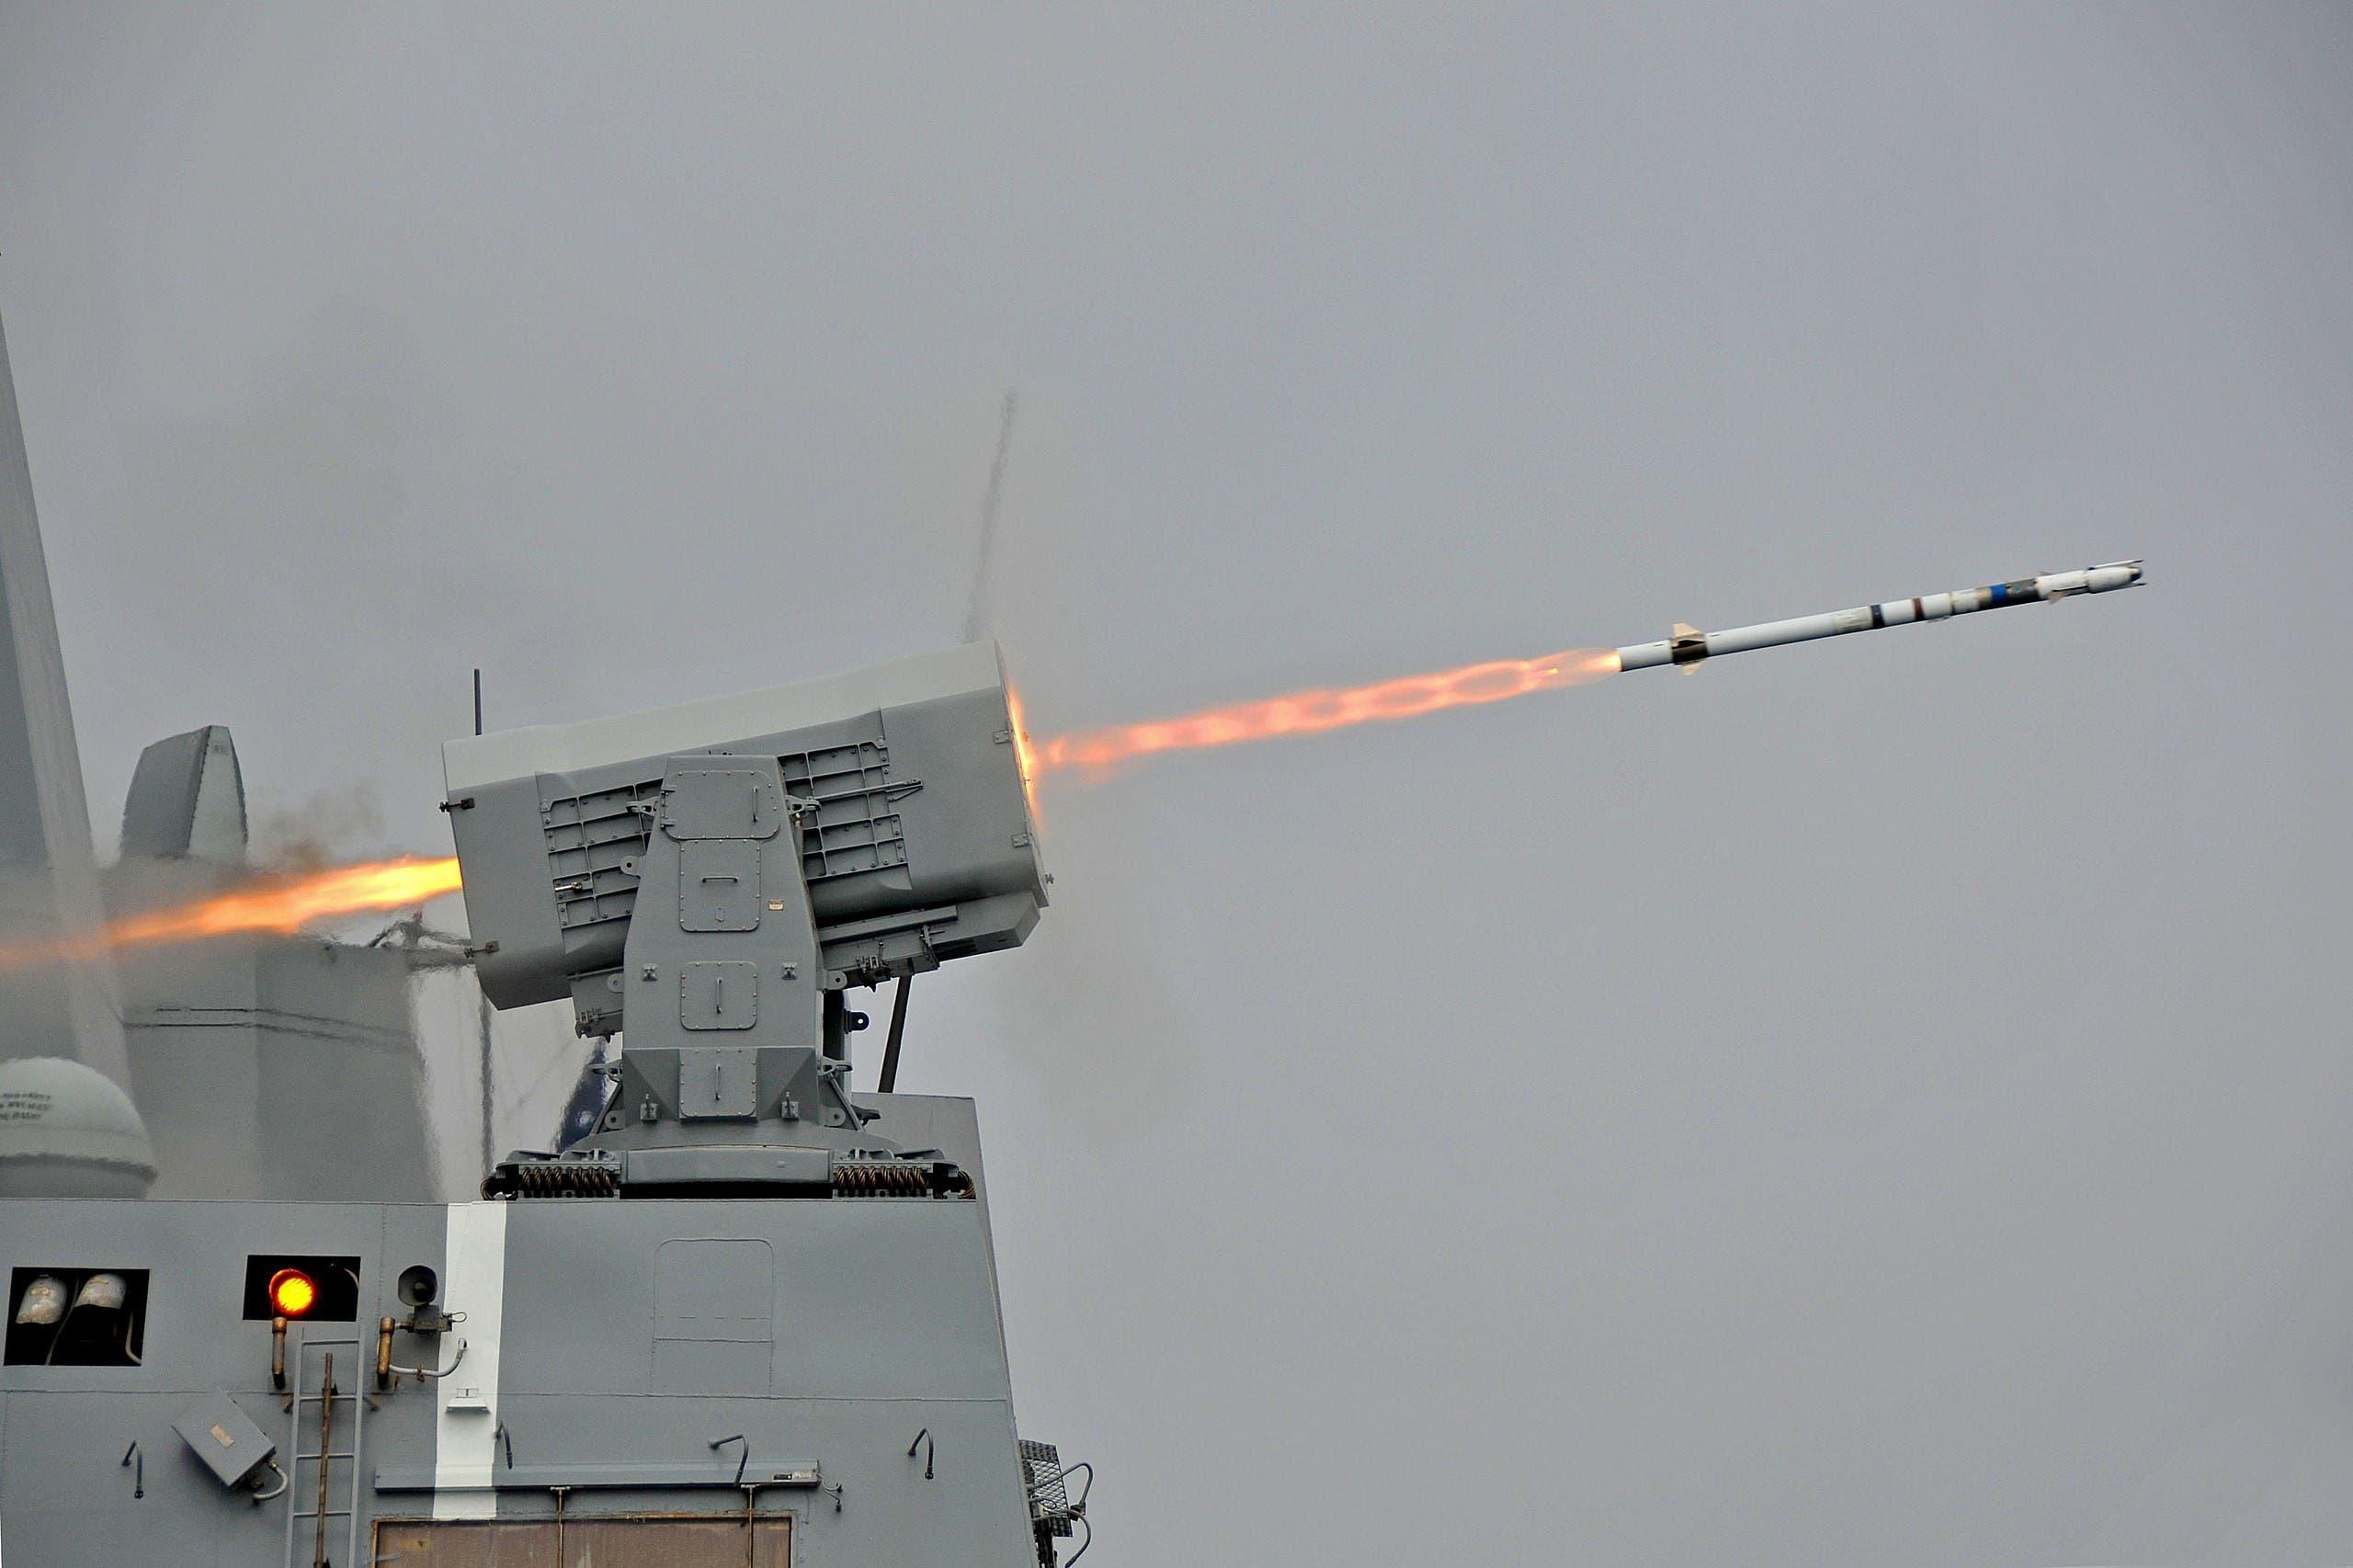 صواريخ من طراز RIM-116C خلال تمرين عسكري أميركي في كاليفورنيا (أرشيفية)